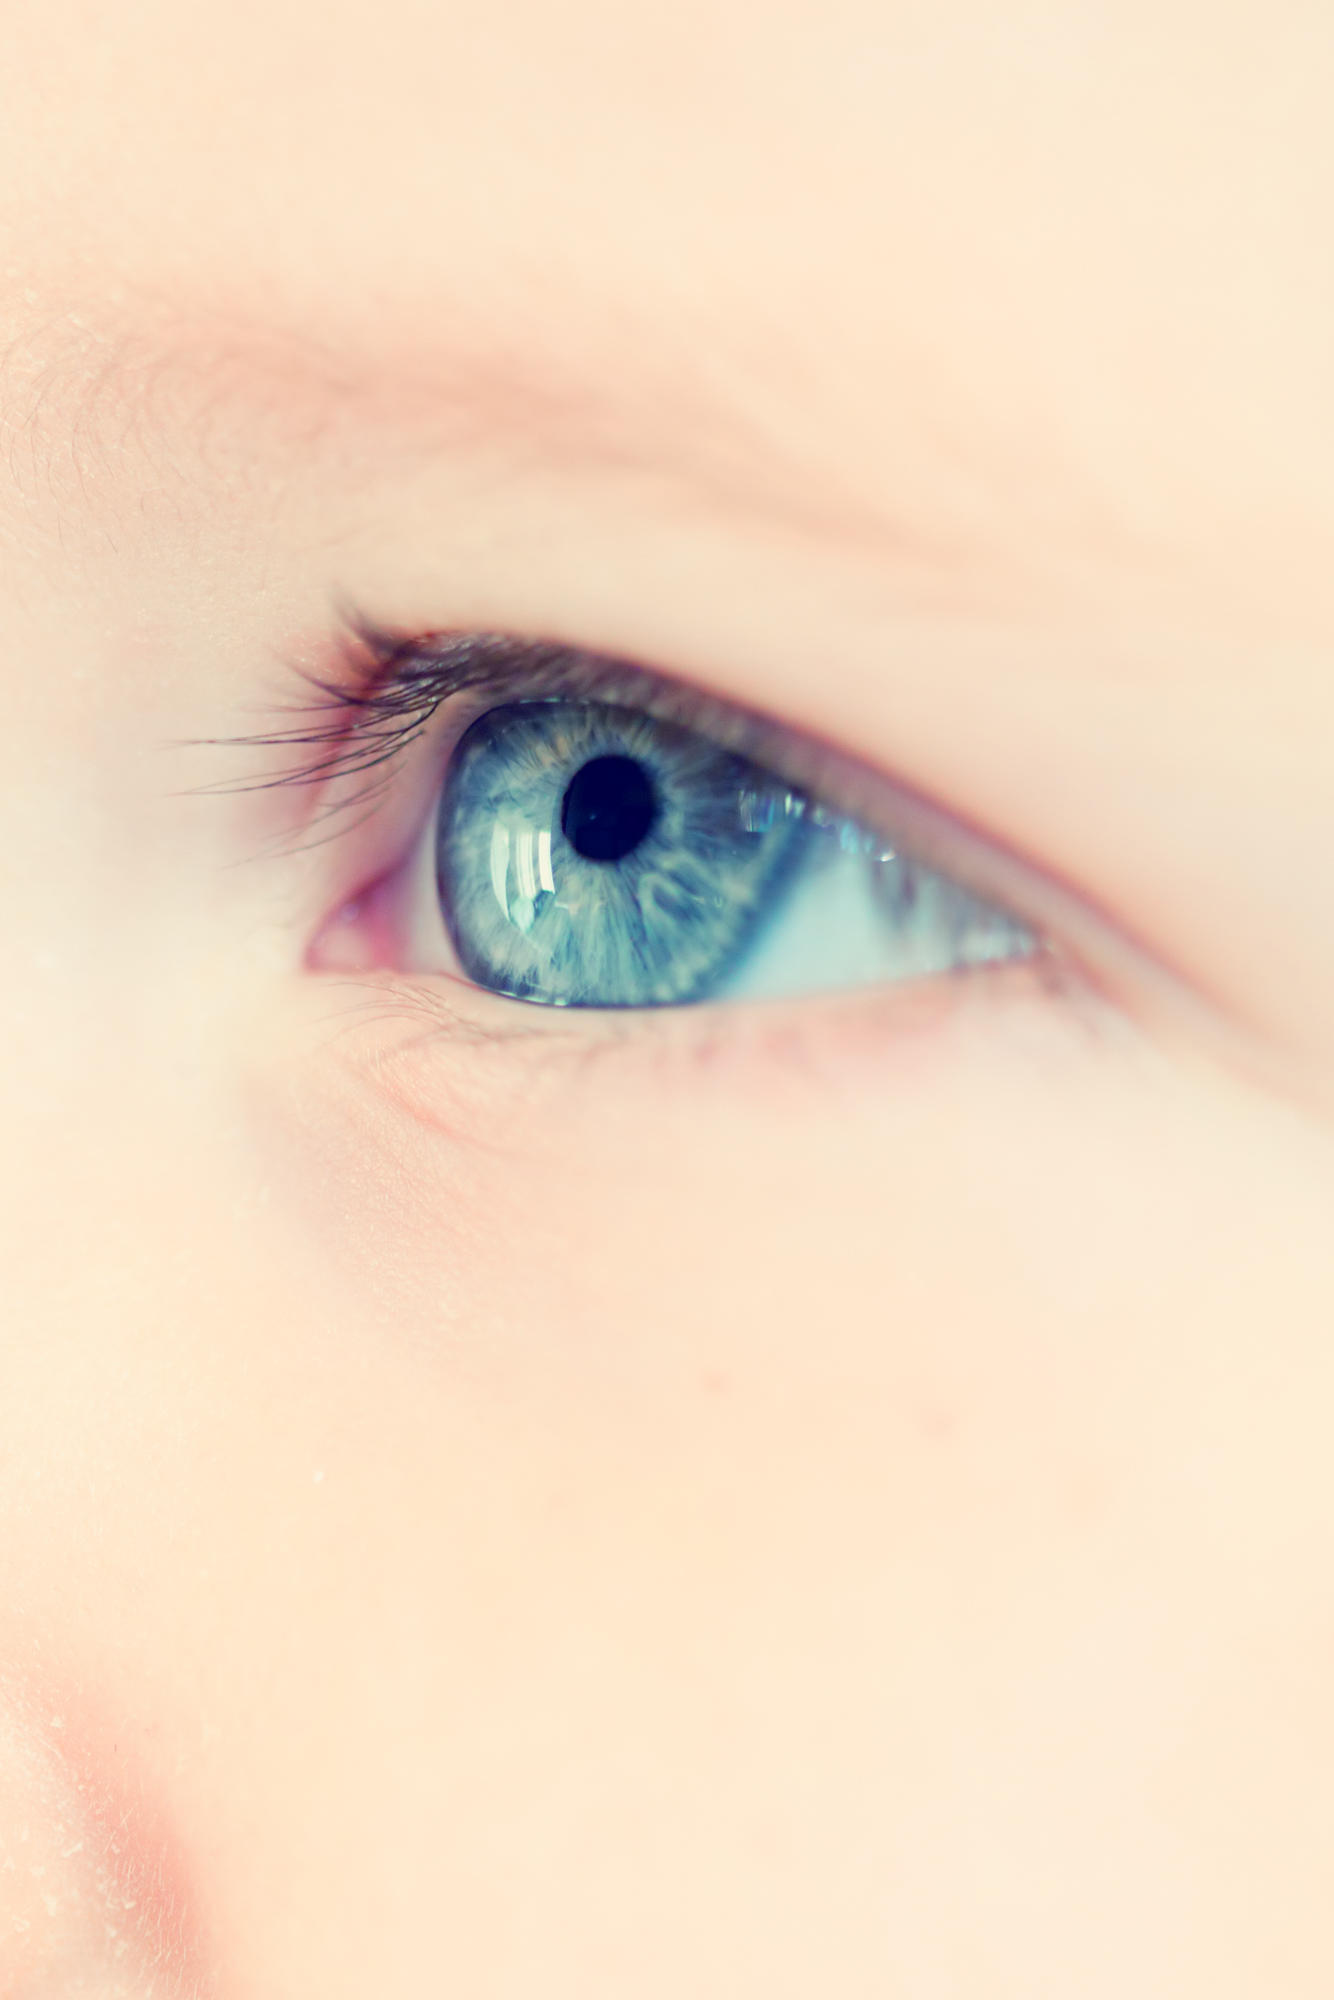 Augen eltern augen braune kind blaue Babys Augenfarbe: